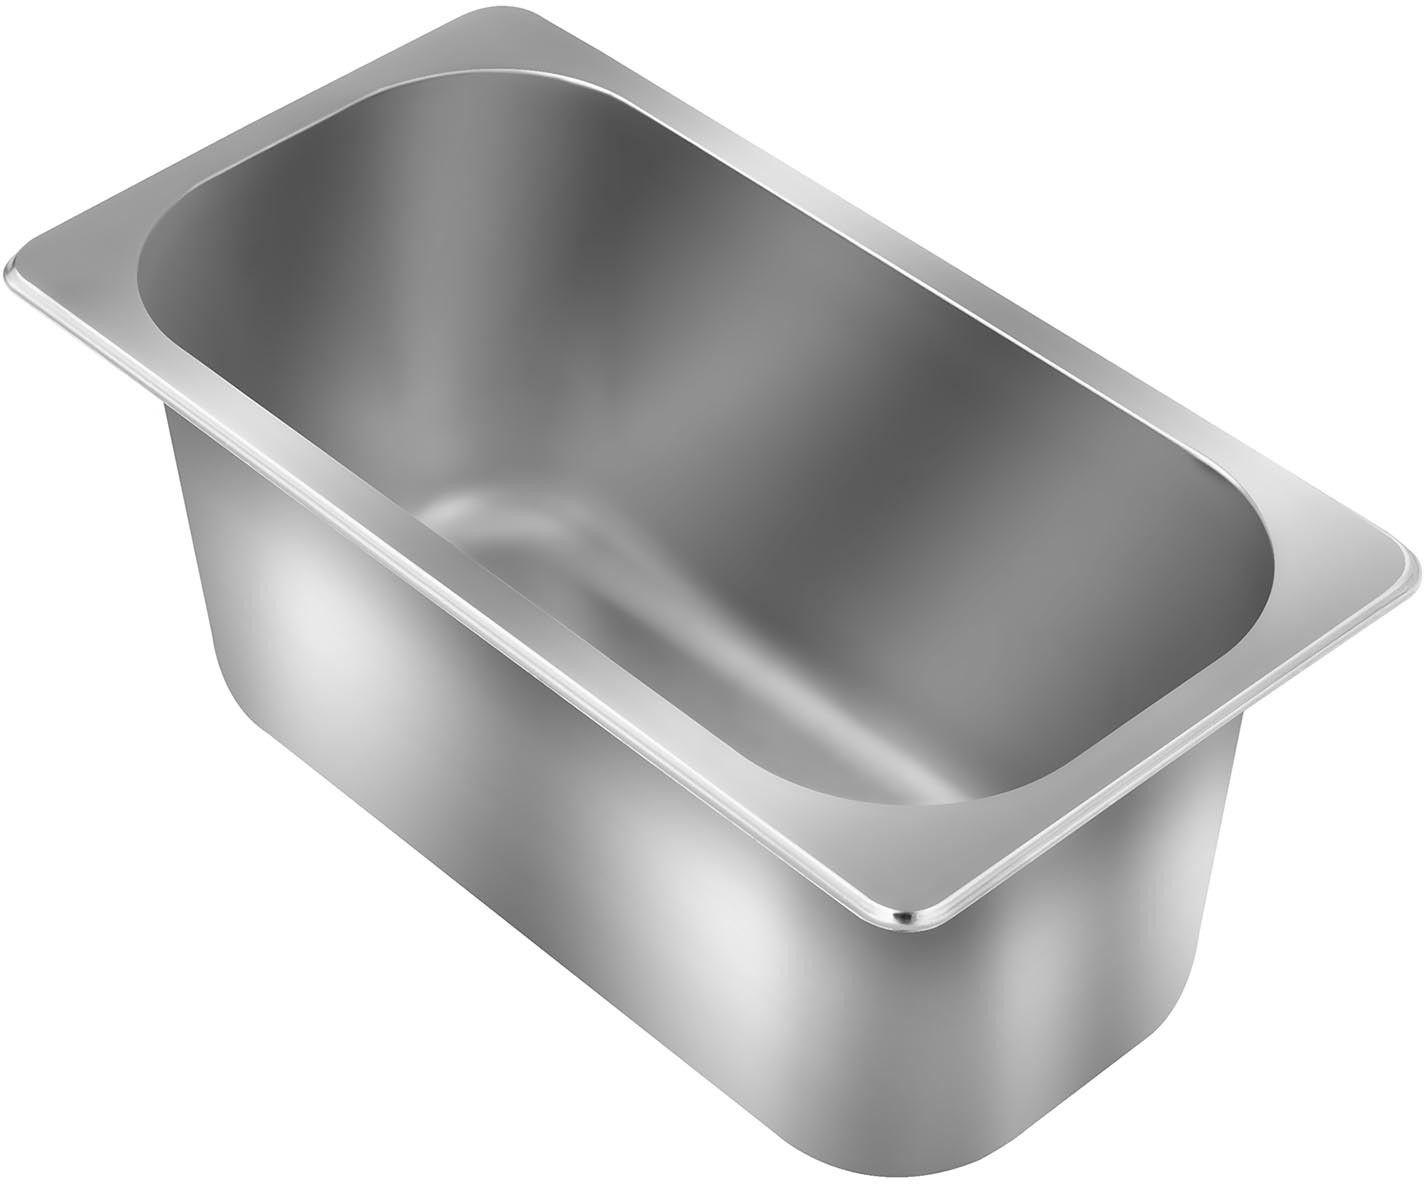 Pojemnik gastronomiczny - GN 1/3 - stal nierdzewna - Royal Catering - RCGN-1/3-1 - 3 lata gwarancji/wysyłka w 24h